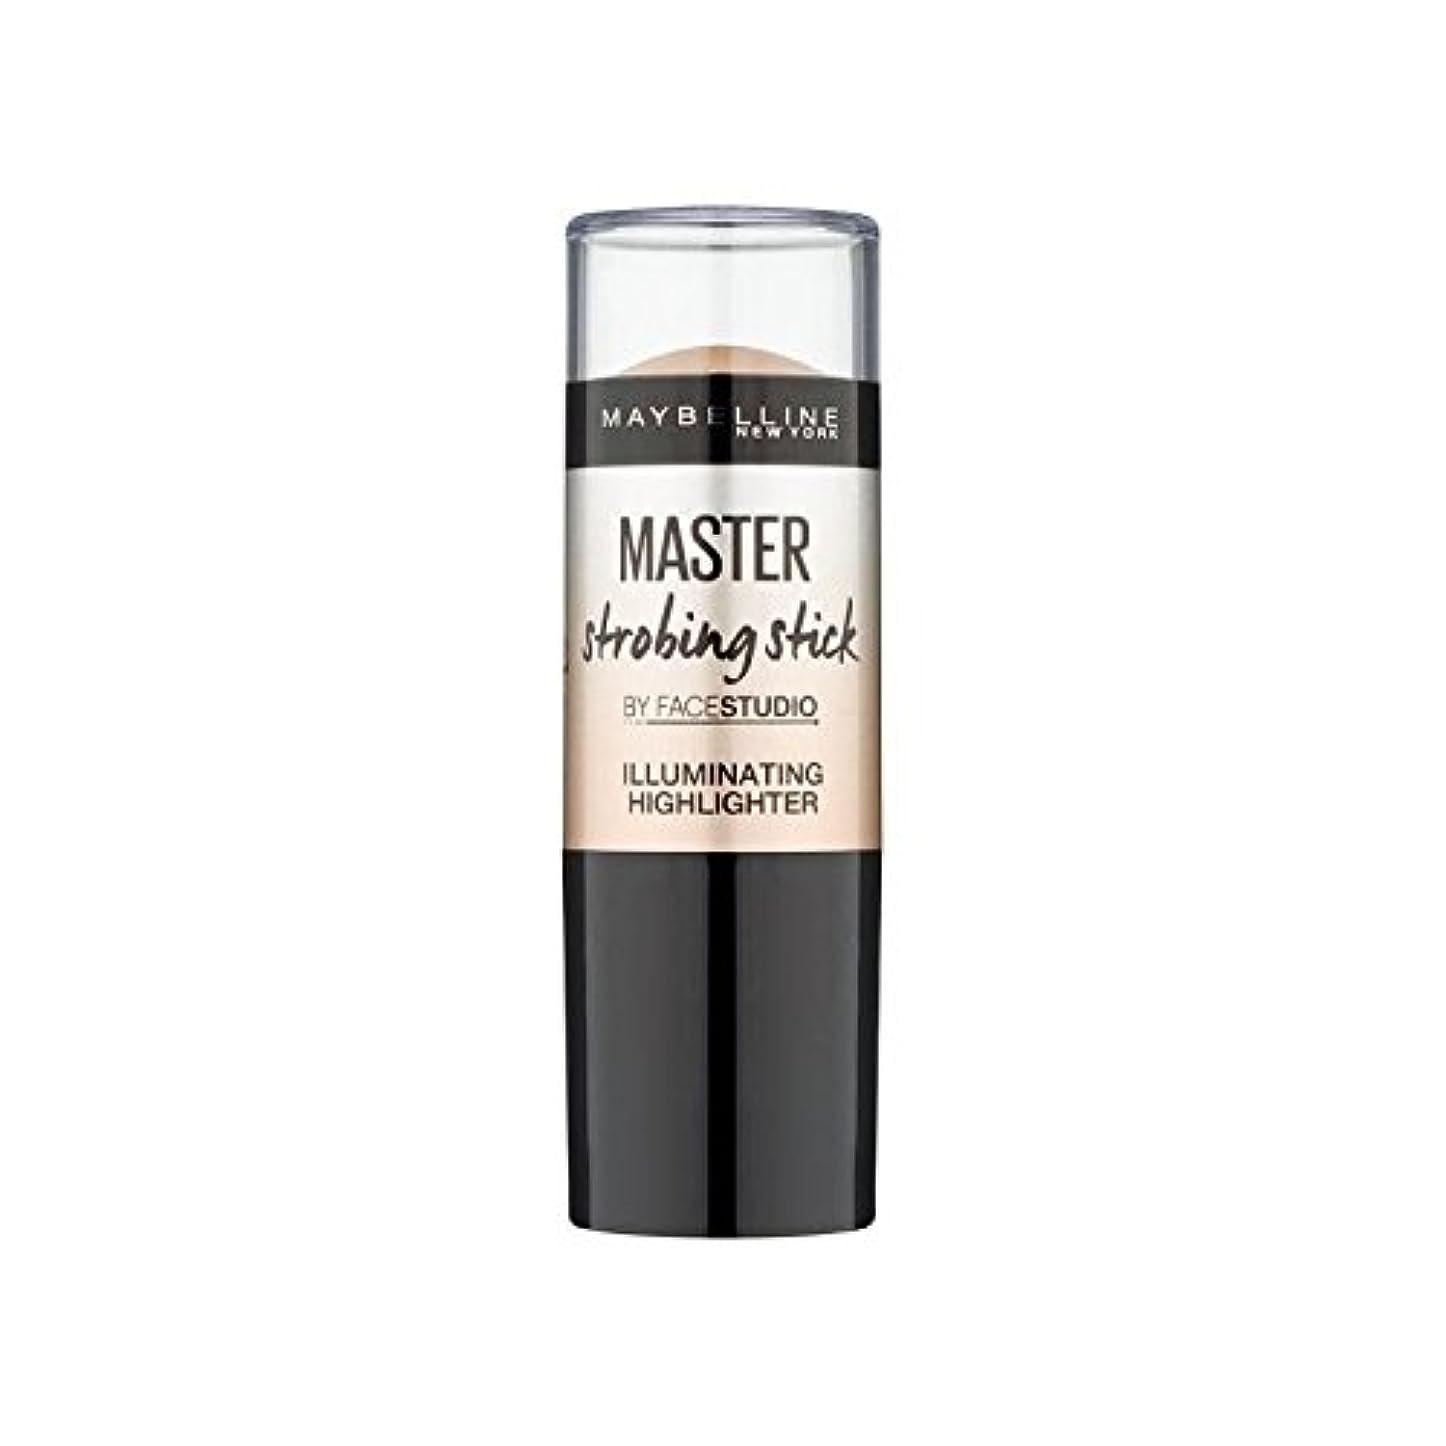 小切手降ろすブルジョンメイベリンマスターストロボスティック媒体 x4 - Maybelline Master Strobing Stick Medium (Pack of 4) [並行輸入品]